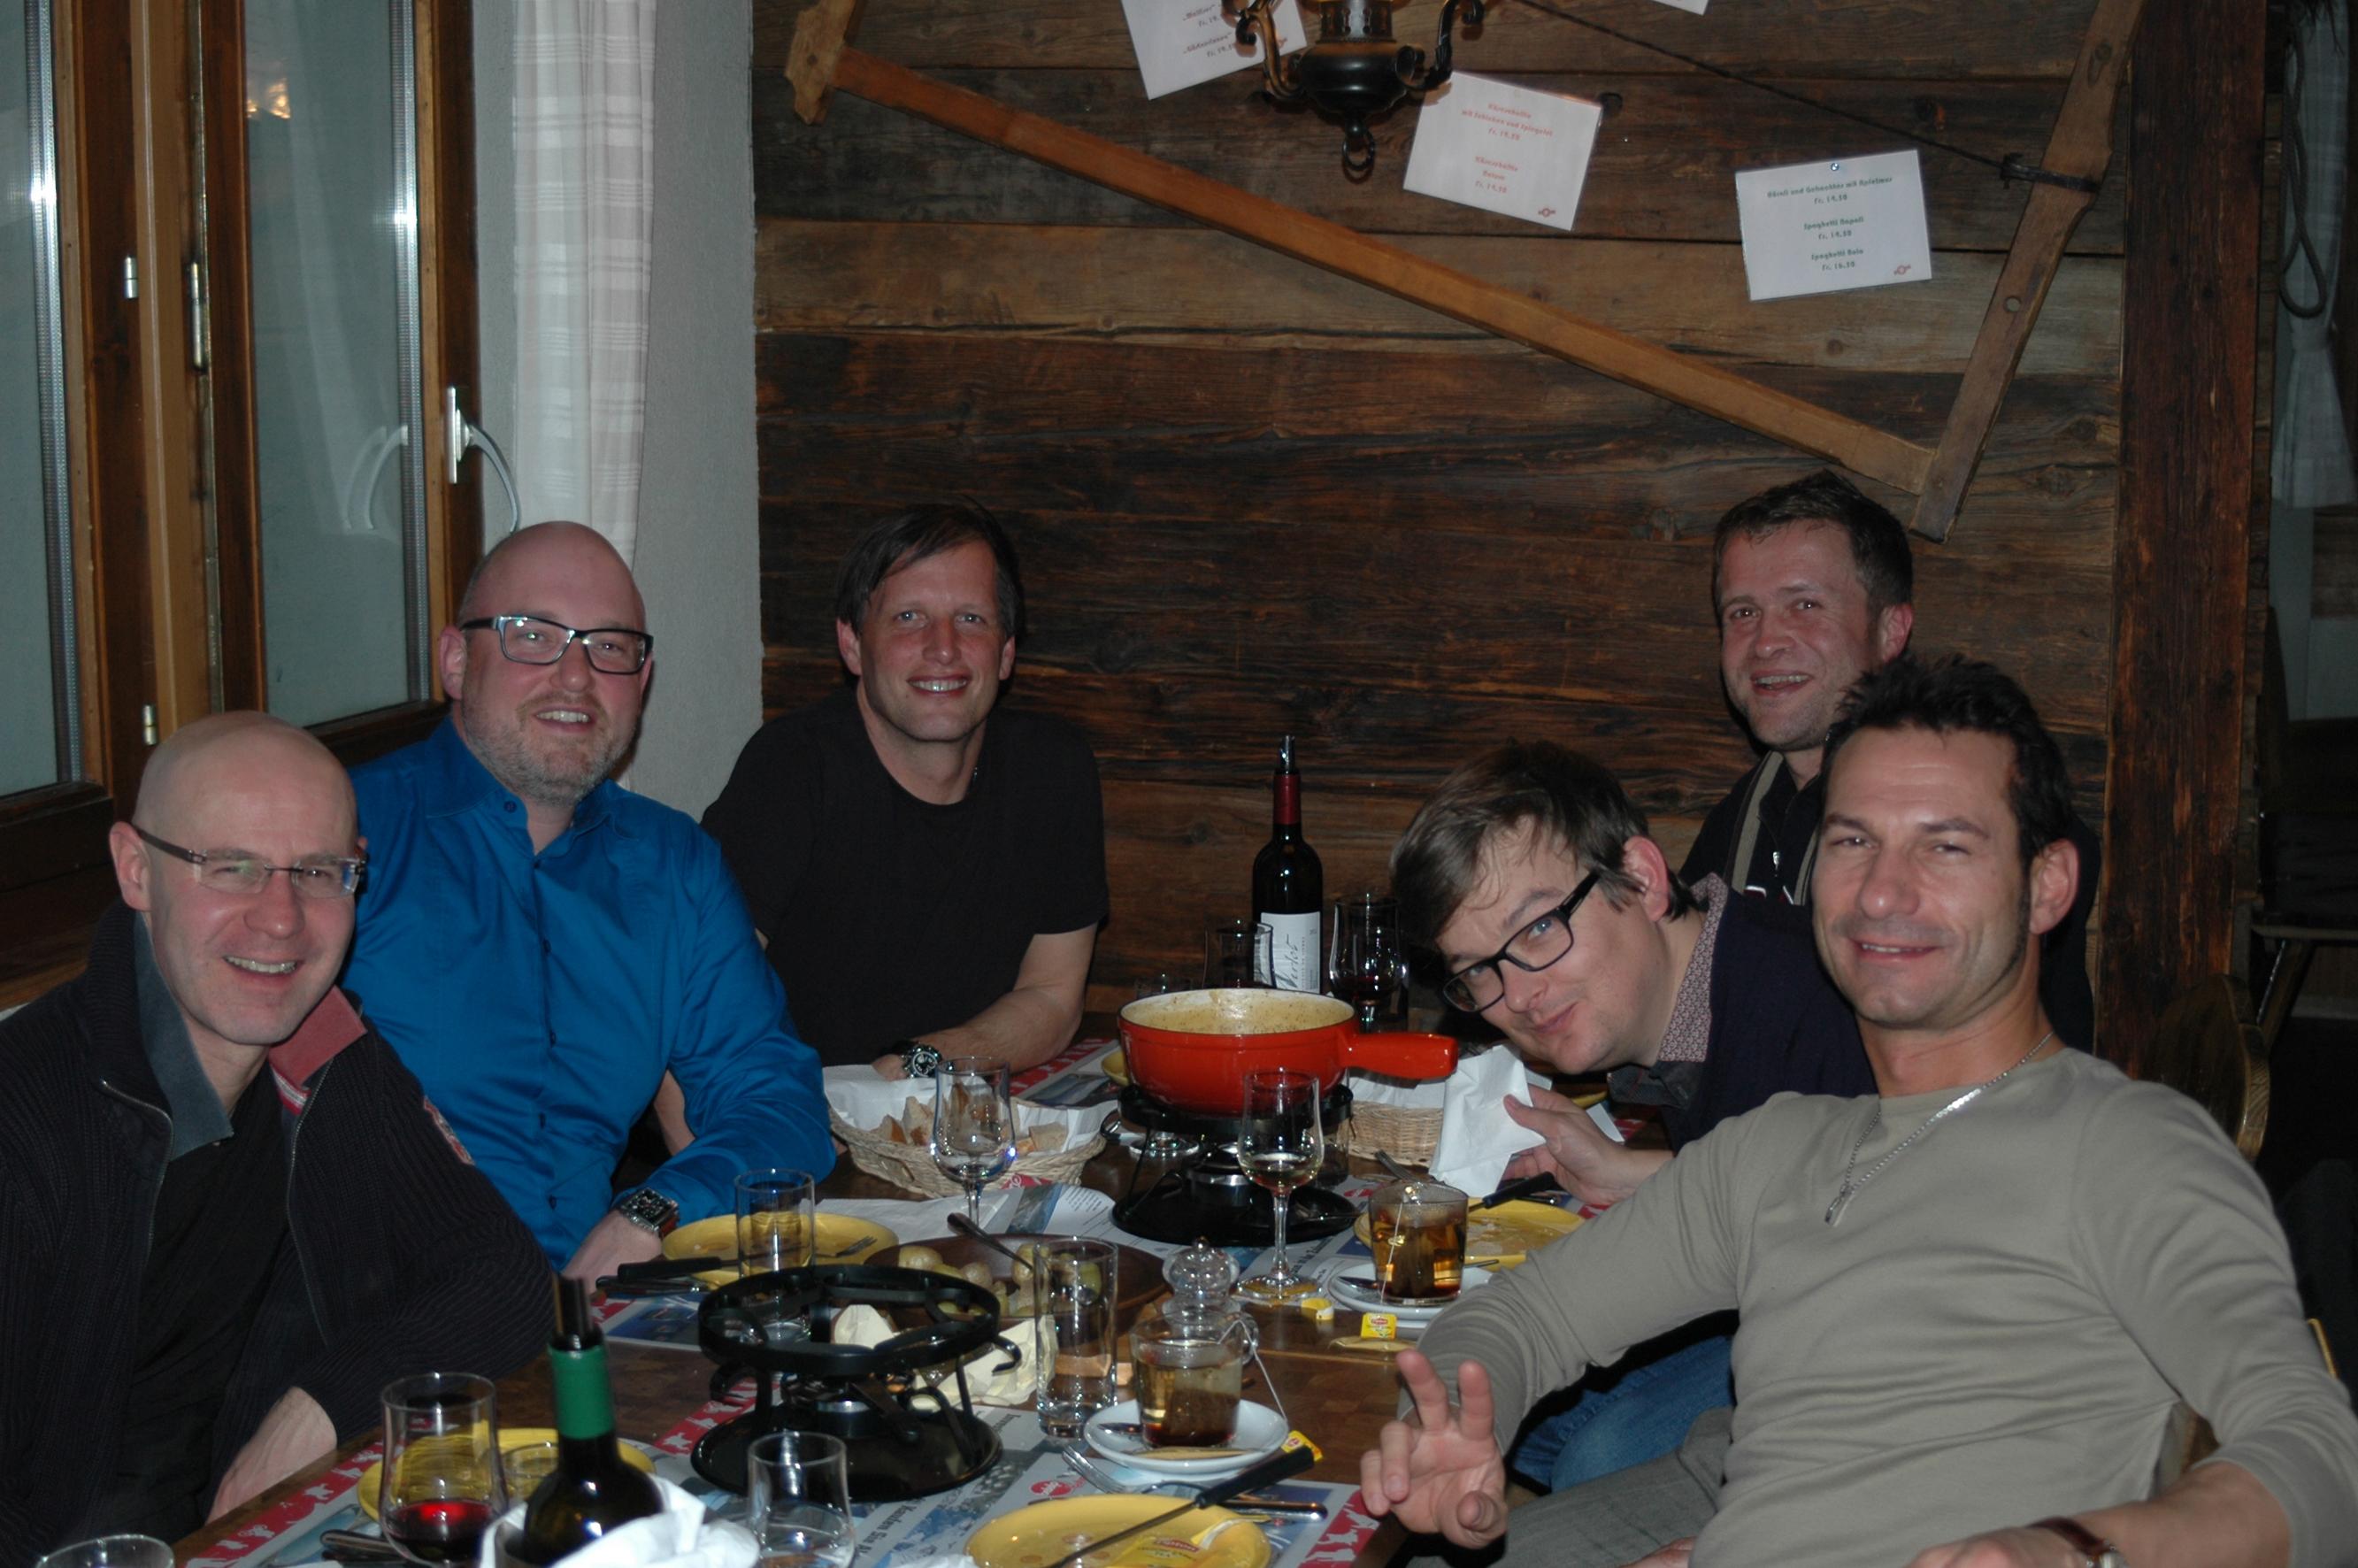 Vorstand SMPA beim gemütlichen Nachtessen